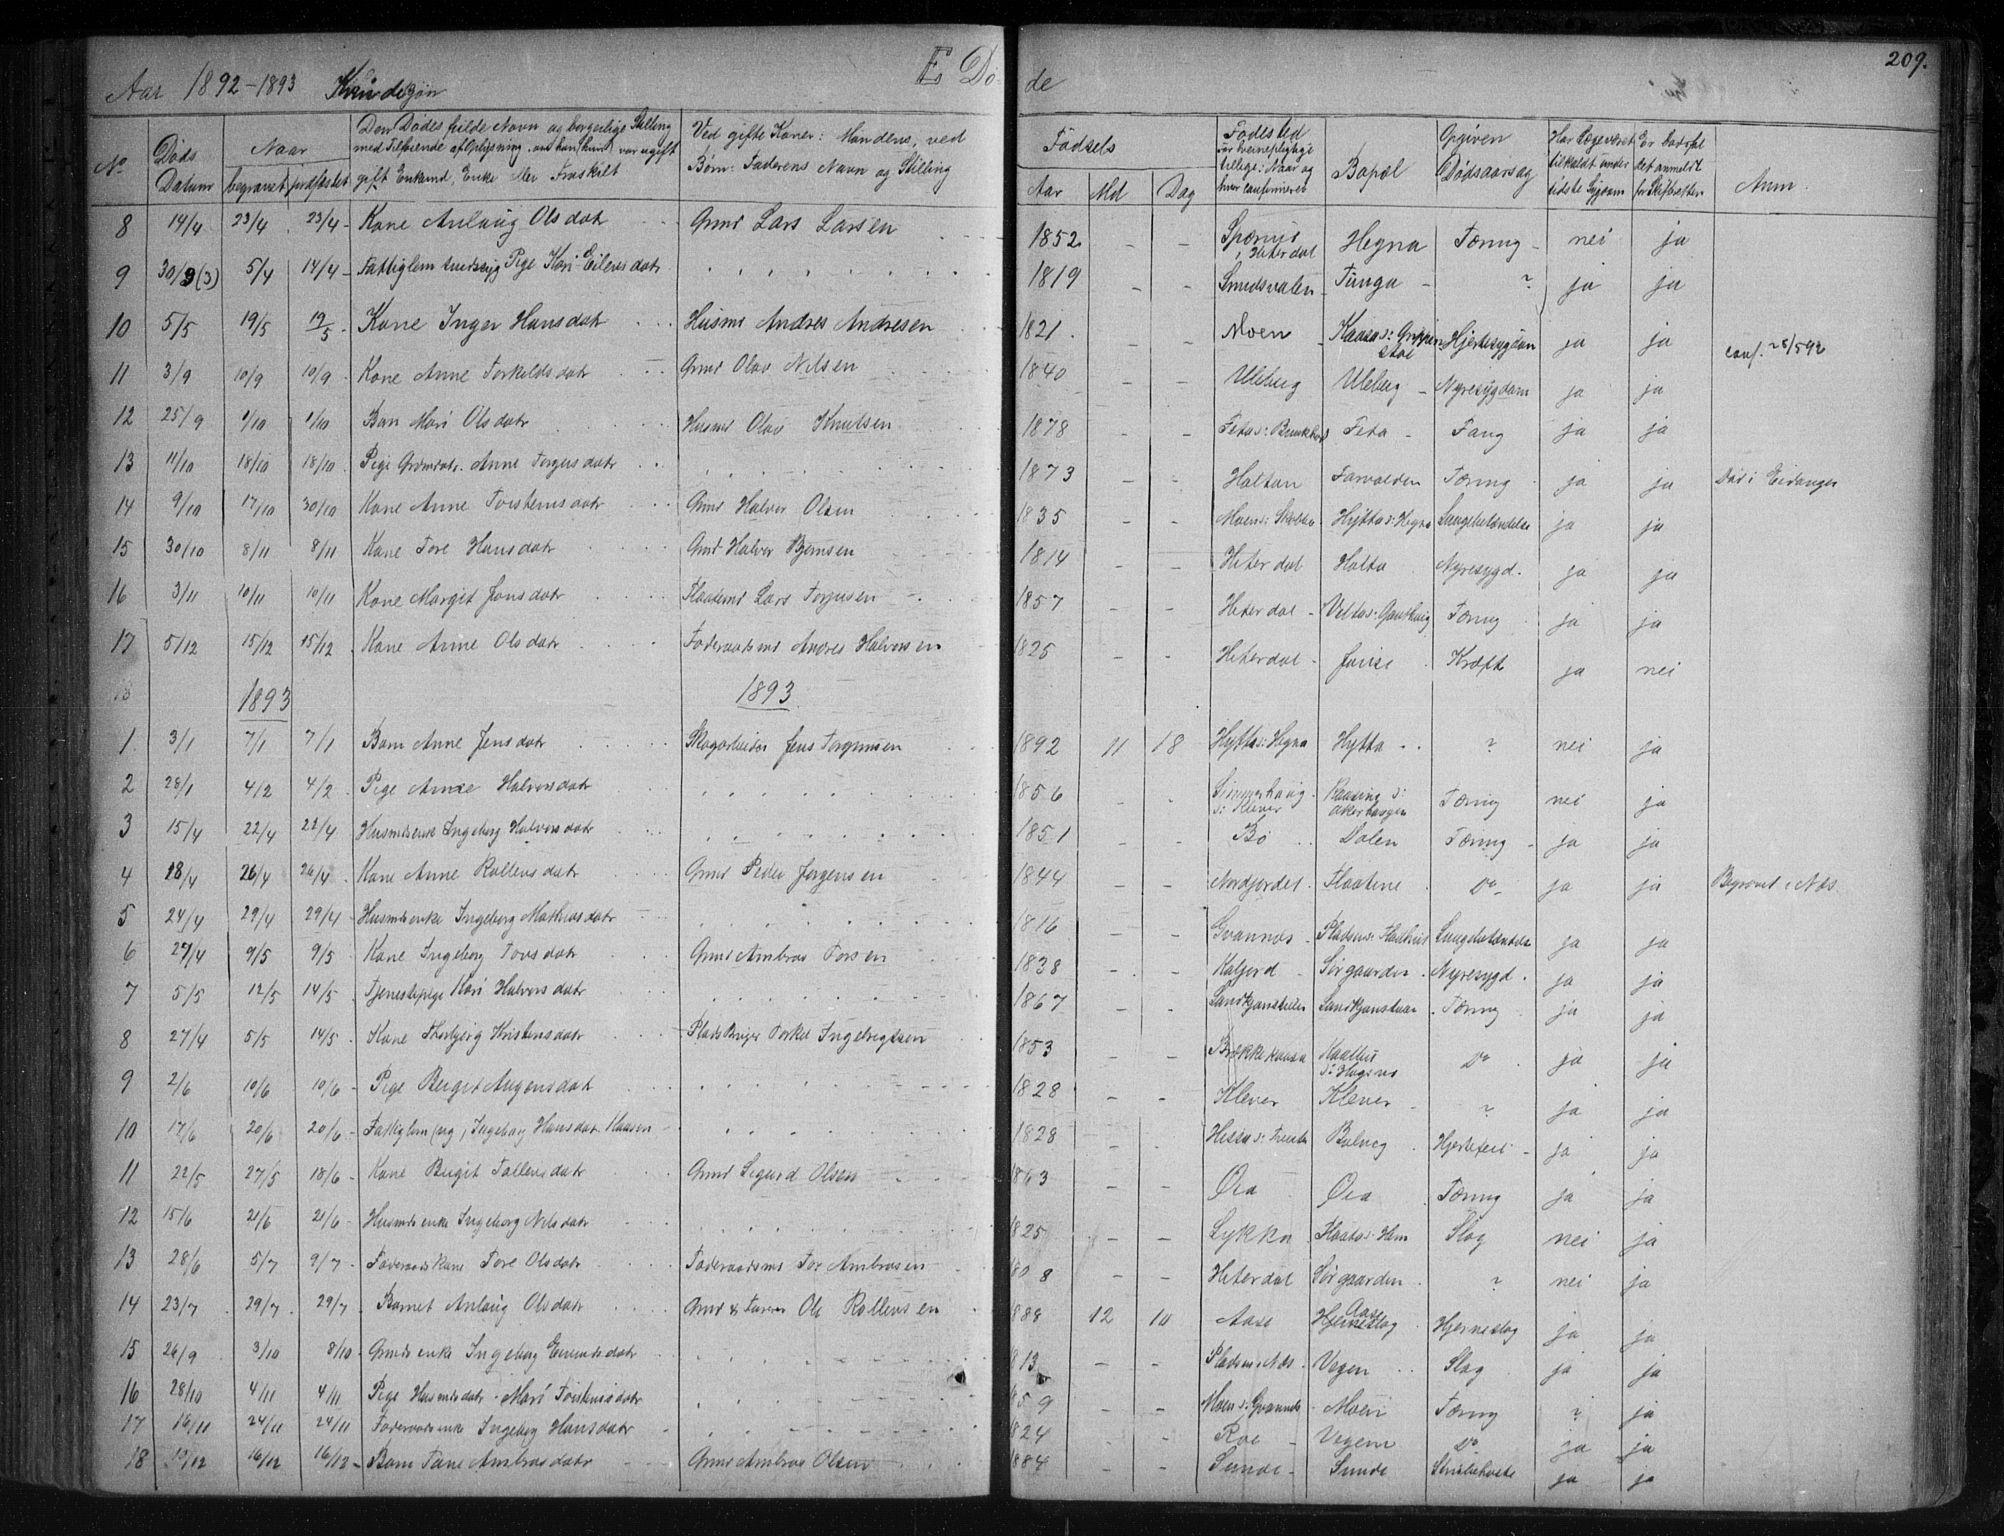 SAKO, Sauherad kirkebøker, G/Ga/L0003: Klokkerbok nr. I 3, 1866-1905, s. 209